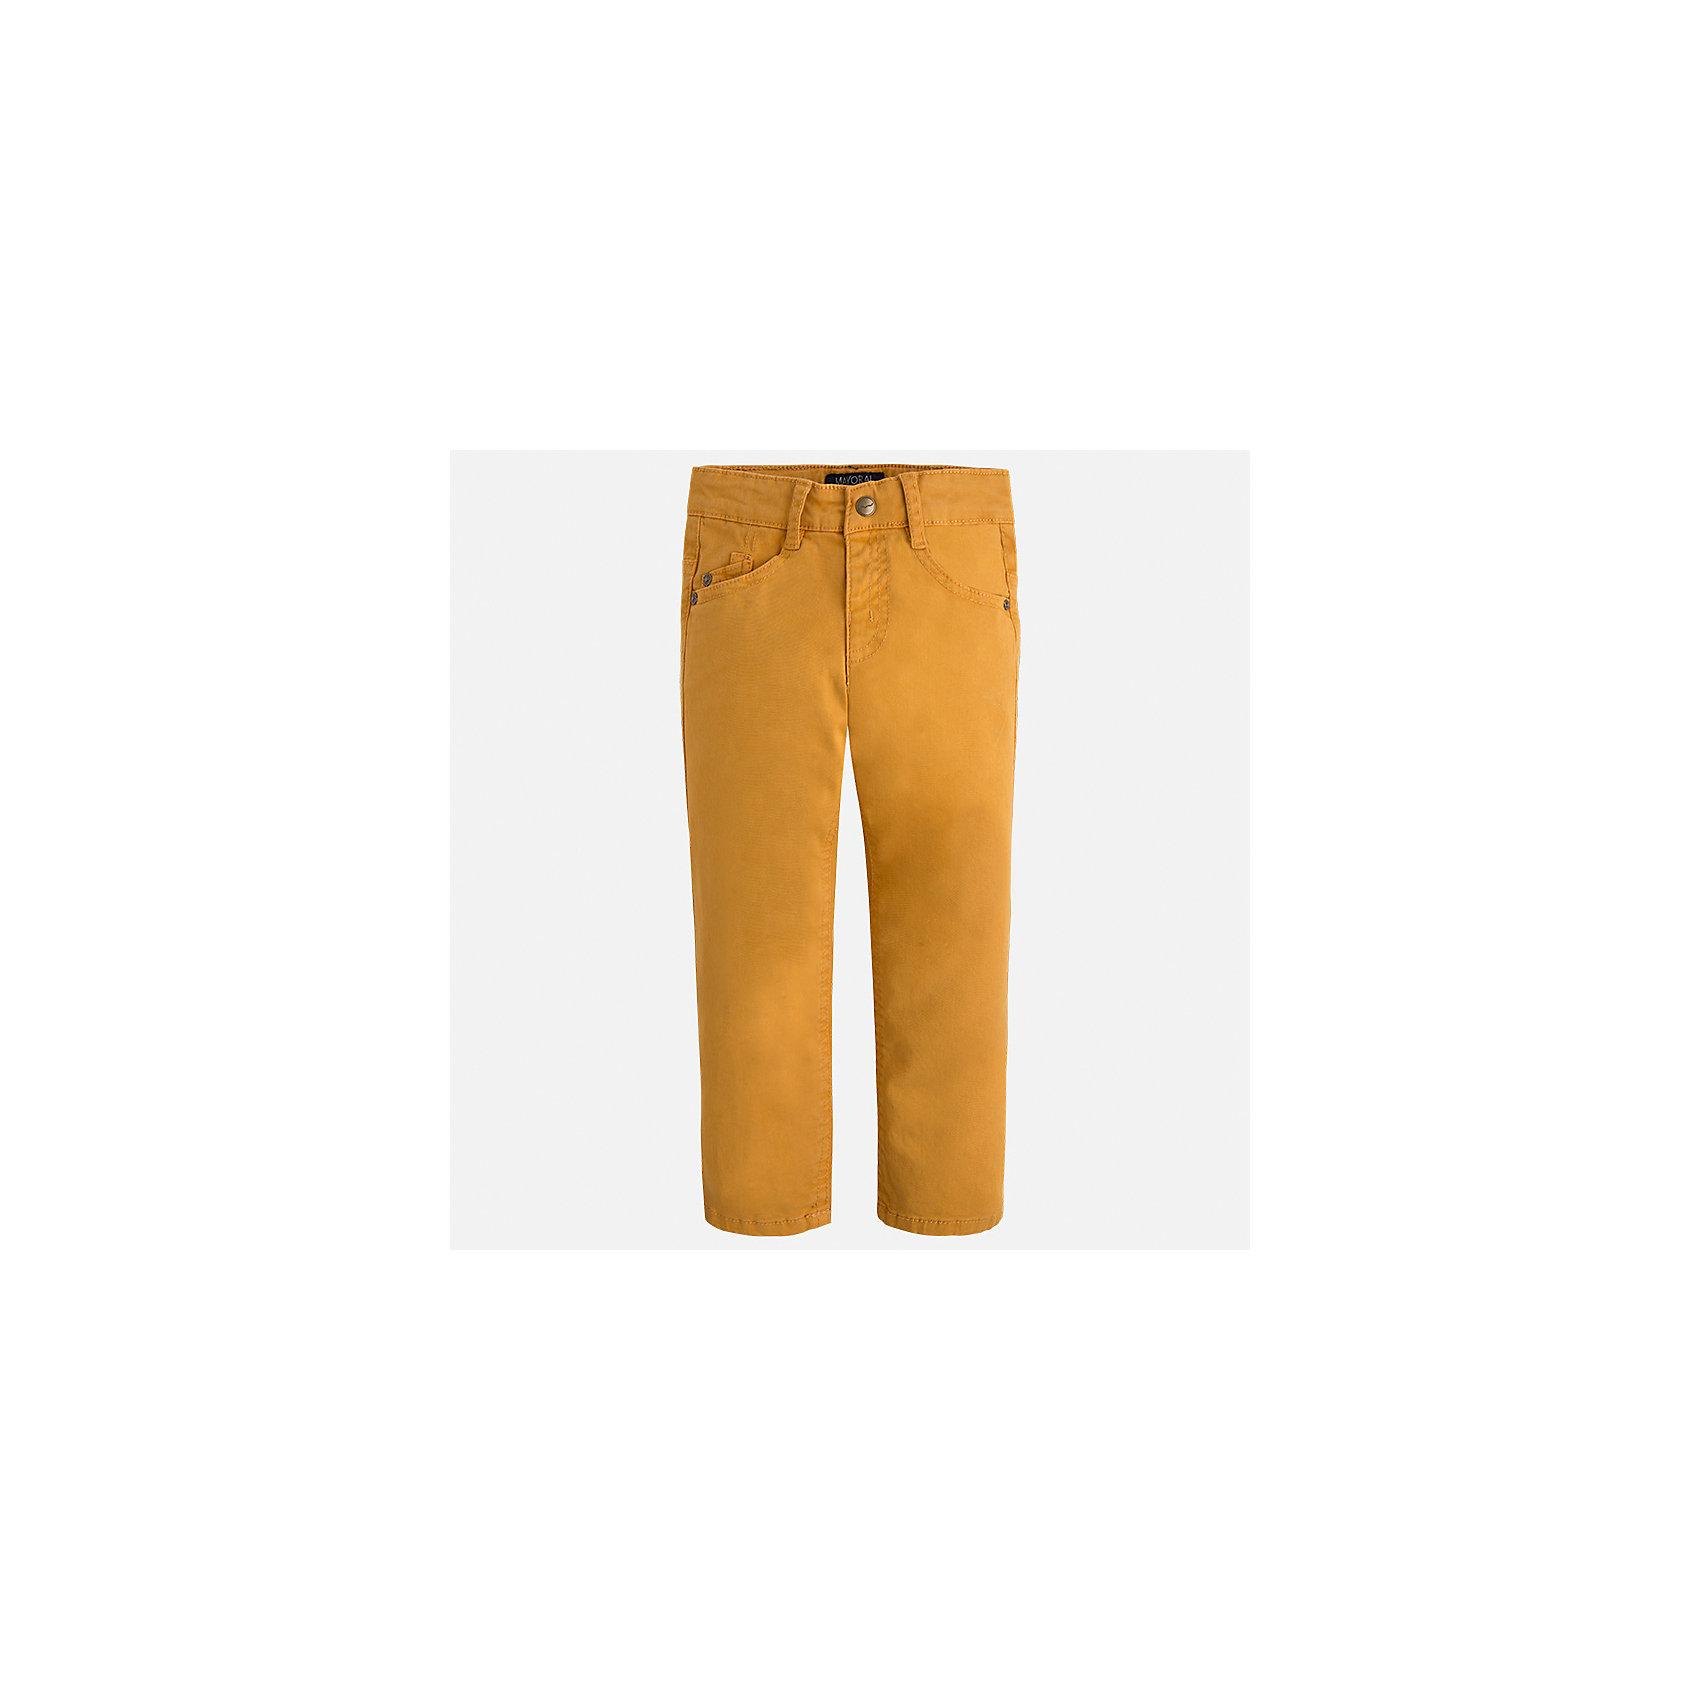 Брюки Mayoral для мальчикаБрюки<br>Характеристики товара:<br><br>• цвет: желтый;<br>• состав ткани 98% хлопок, 2% эластан;<br>• regular fit (прямой покрой);<br>• регулируемая талия;<br>• клепки и накладные карманы;<br>• сезон: демисезон;<br>• страна бренда: Испания;<br>• страна изготовитель: Бангладеш.<br><br>Брюки для мальчика от популярного бренда Mayoral из гладкого эластичного хлопка средней плотности. Пояс с регулировкой. Декорированы клепками и накладными задними карманами. Очень удобные и не стесняют движений, смотрятся аккуратно и стильно.<br><br>В одежде от испанской компании Майорал ребенок будет выглядеть модно, а чувствовать себя - комфортно. <br><br>Брюки для  мальчика Mayoral (Майорал) можно купить в нашем интернет-магазине.<br><br>Ширина мм: 215<br>Глубина мм: 88<br>Высота мм: 191<br>Вес г: 336<br>Цвет: оранжевый<br>Возраст от месяцев: 18<br>Возраст до месяцев: 24<br>Пол: Мужской<br>Возраст: Детский<br>Размер: 92,122,98,104,110,116<br>SKU: 6931548